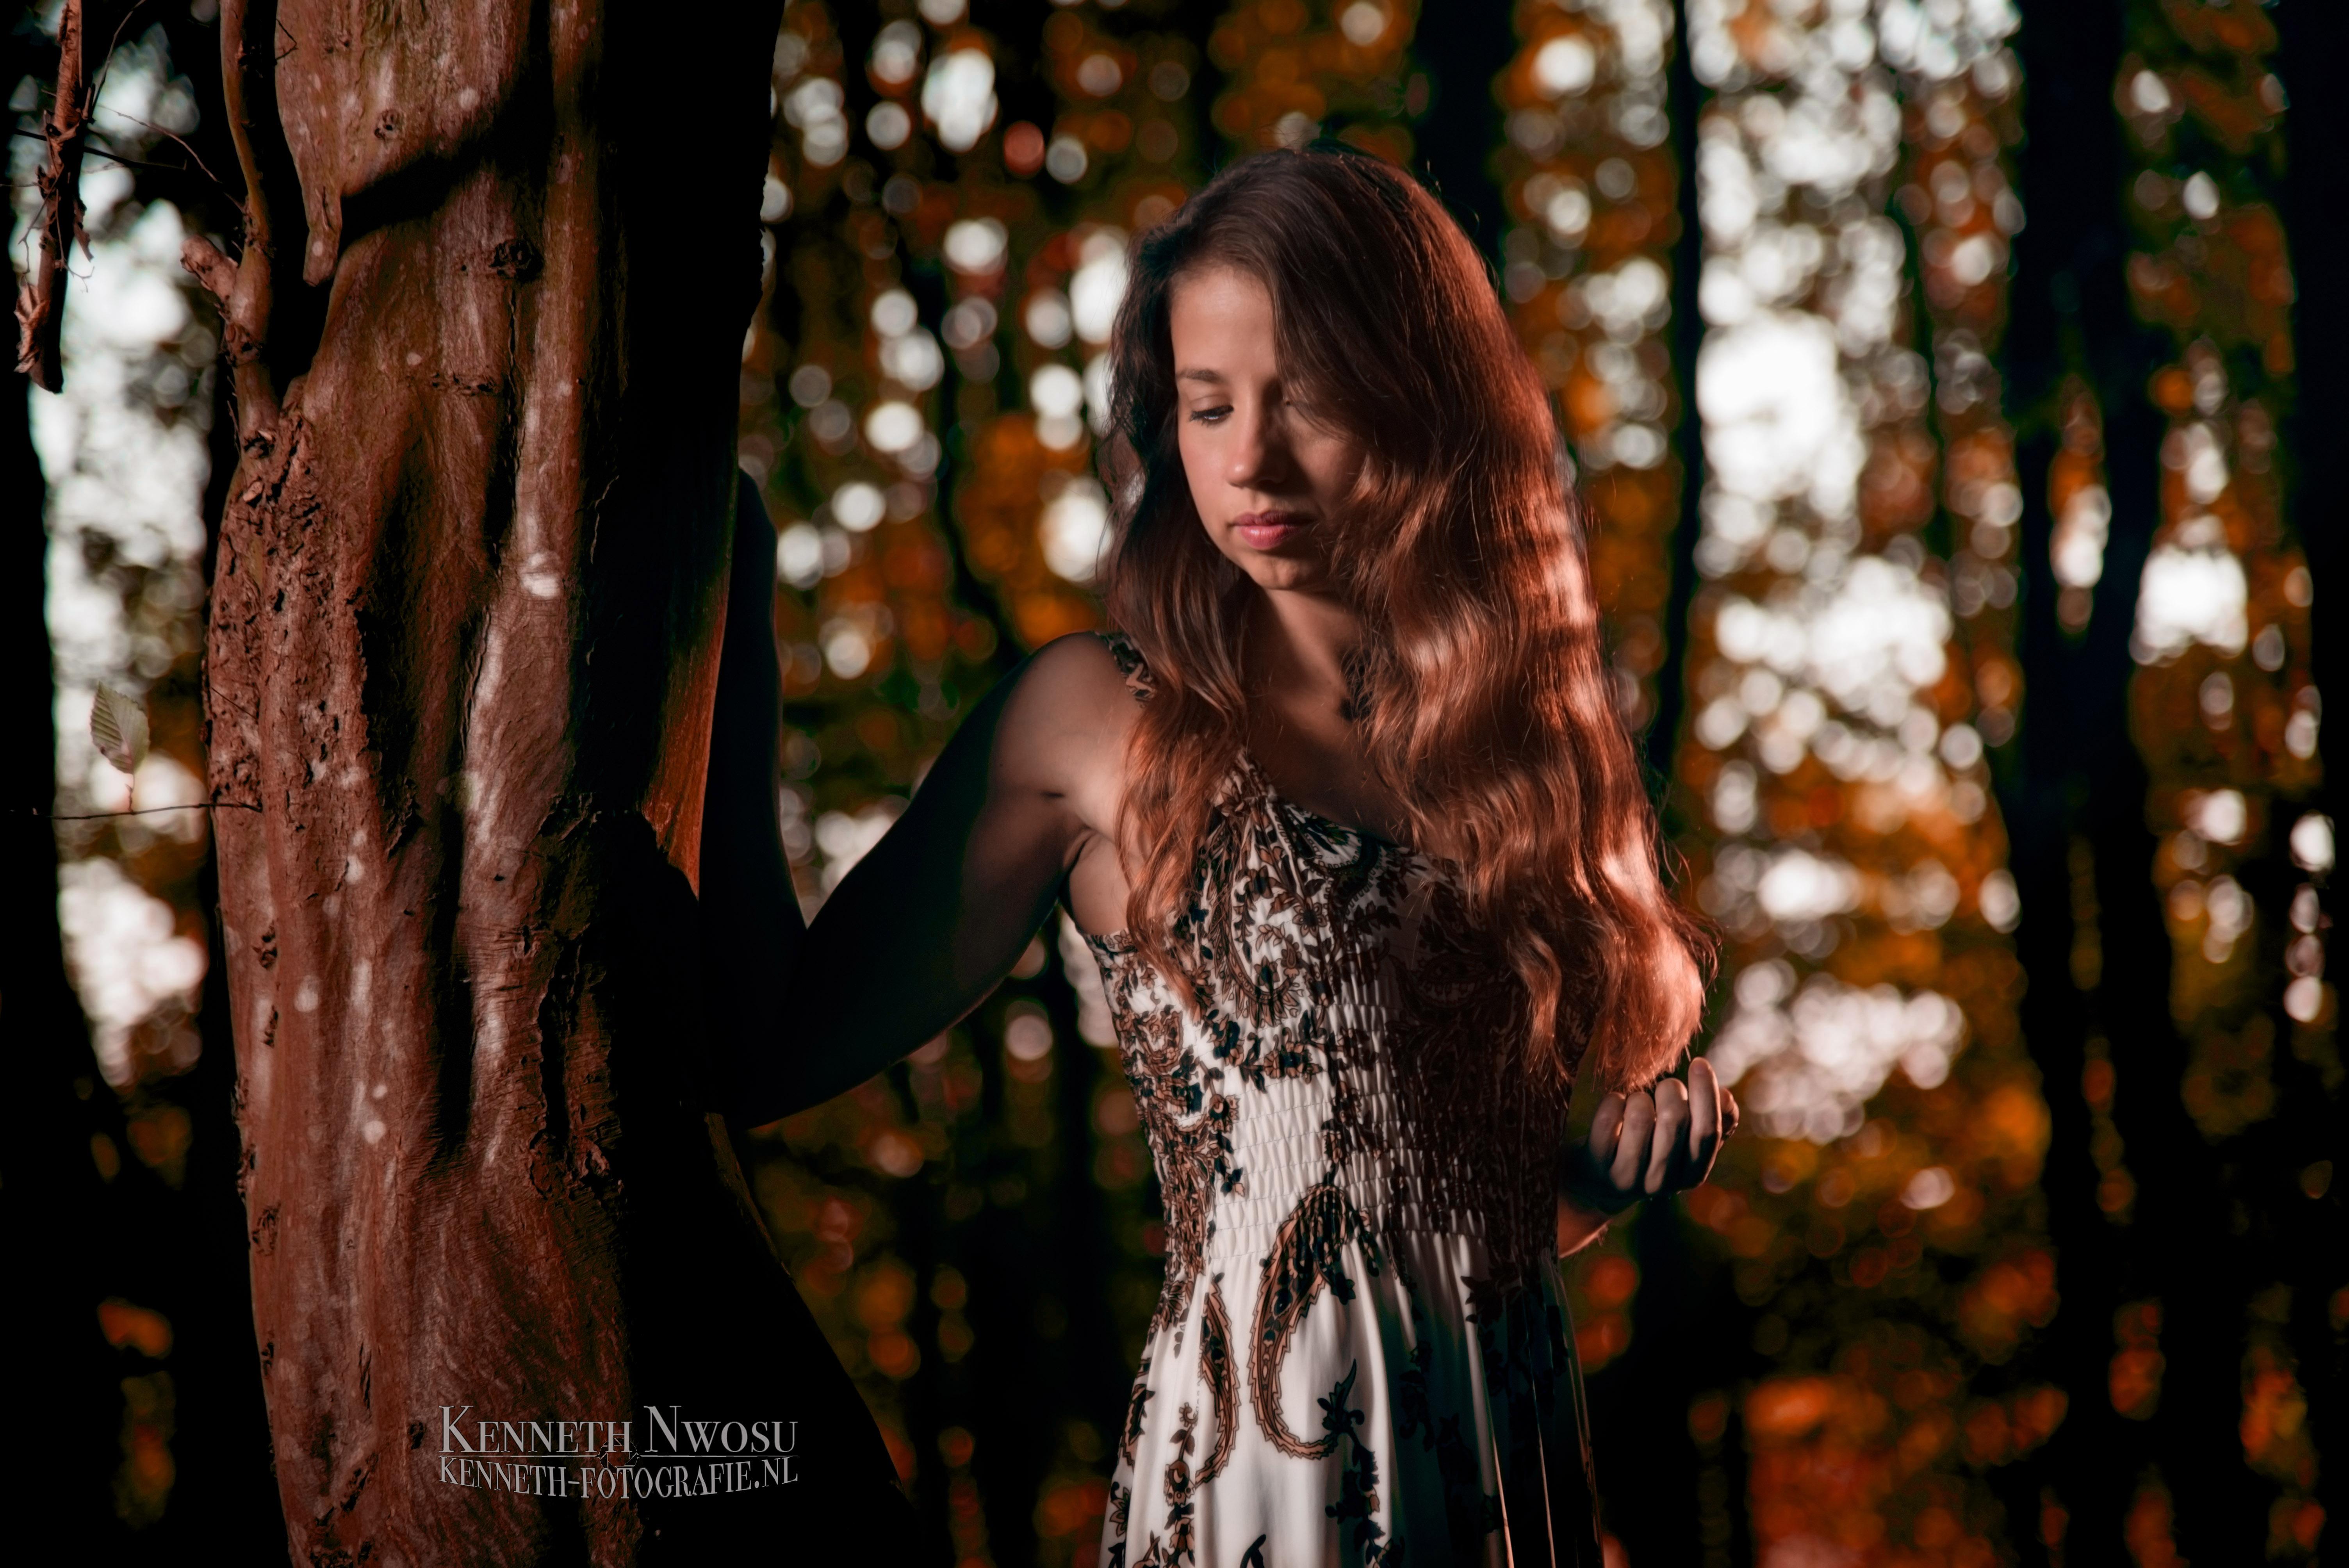 Herfst fotoshoot met Suzanne Noordzij-van Eck